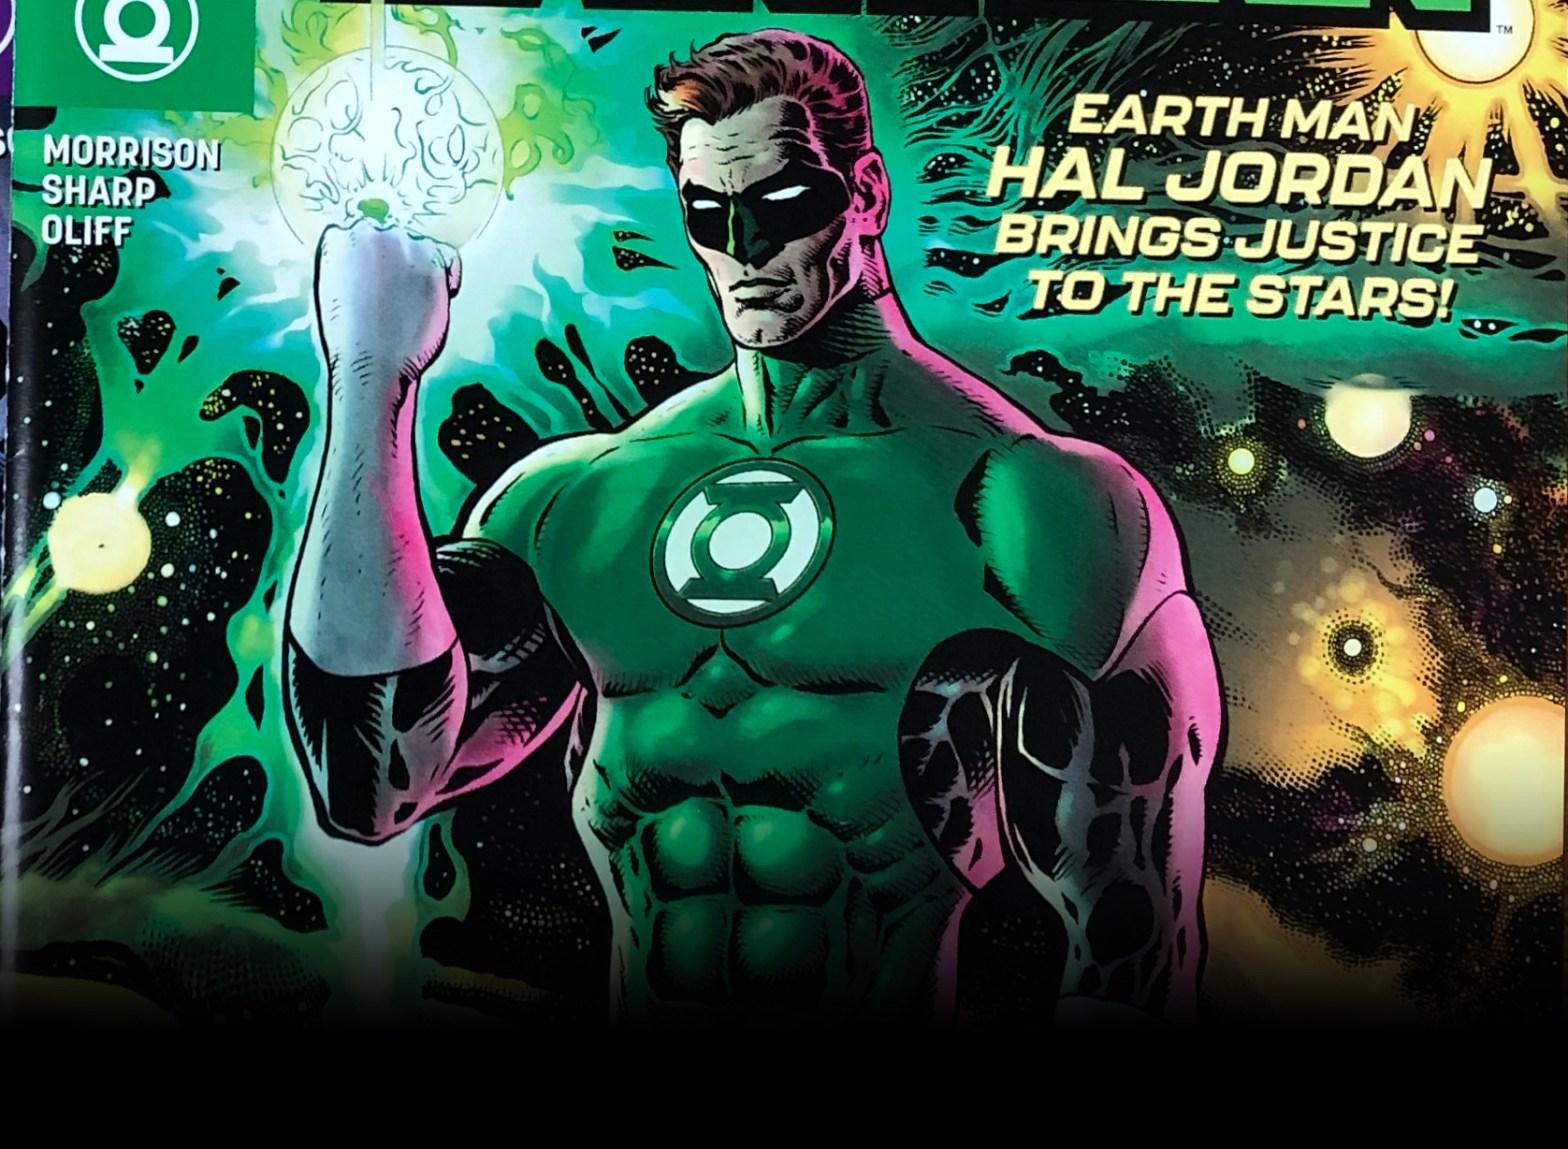 Thumbnail for The Green Lantern Returns